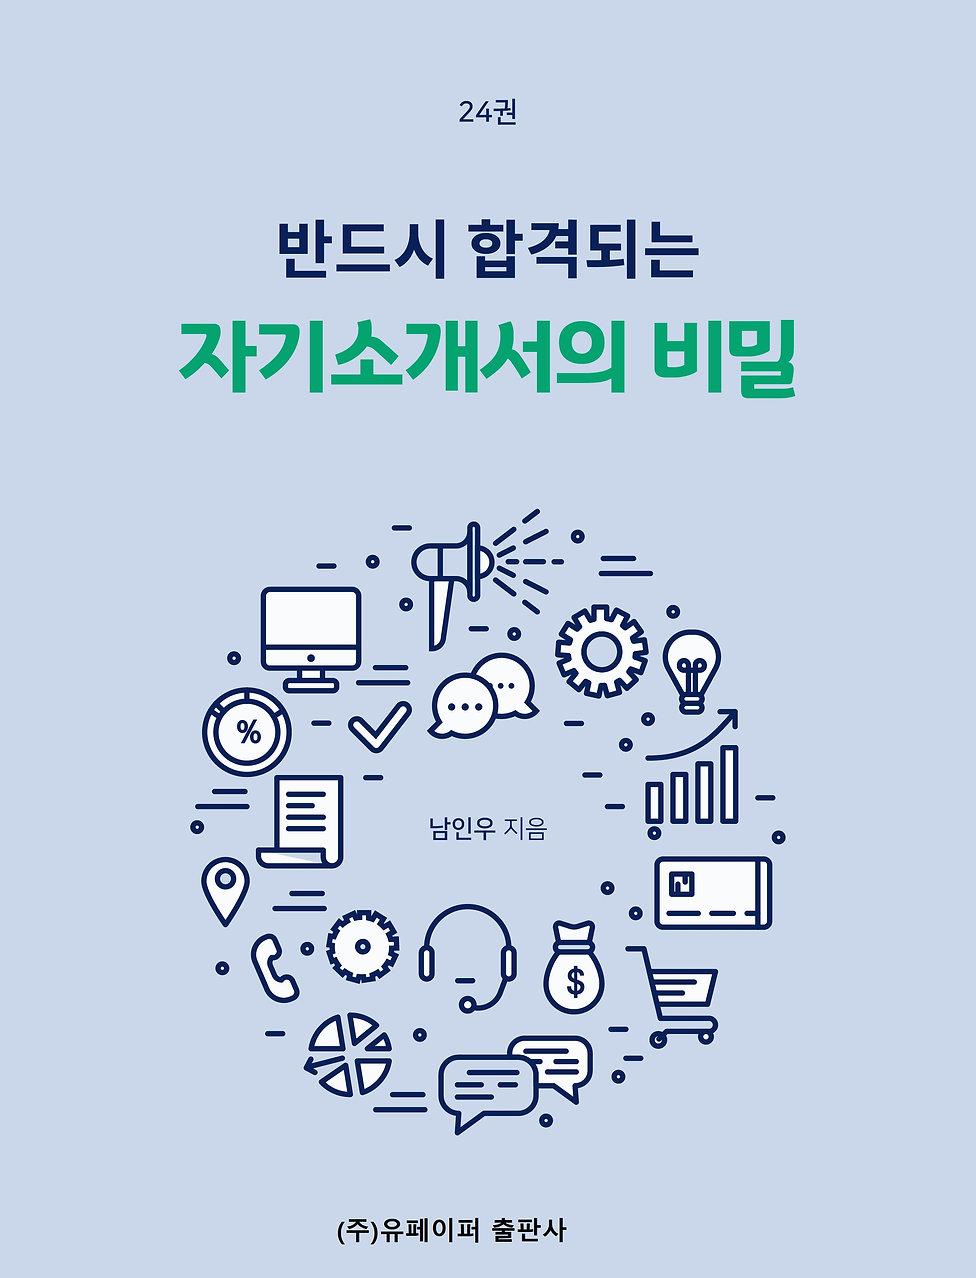 반드시 합격되는 자기소개서의 비밀.jpg